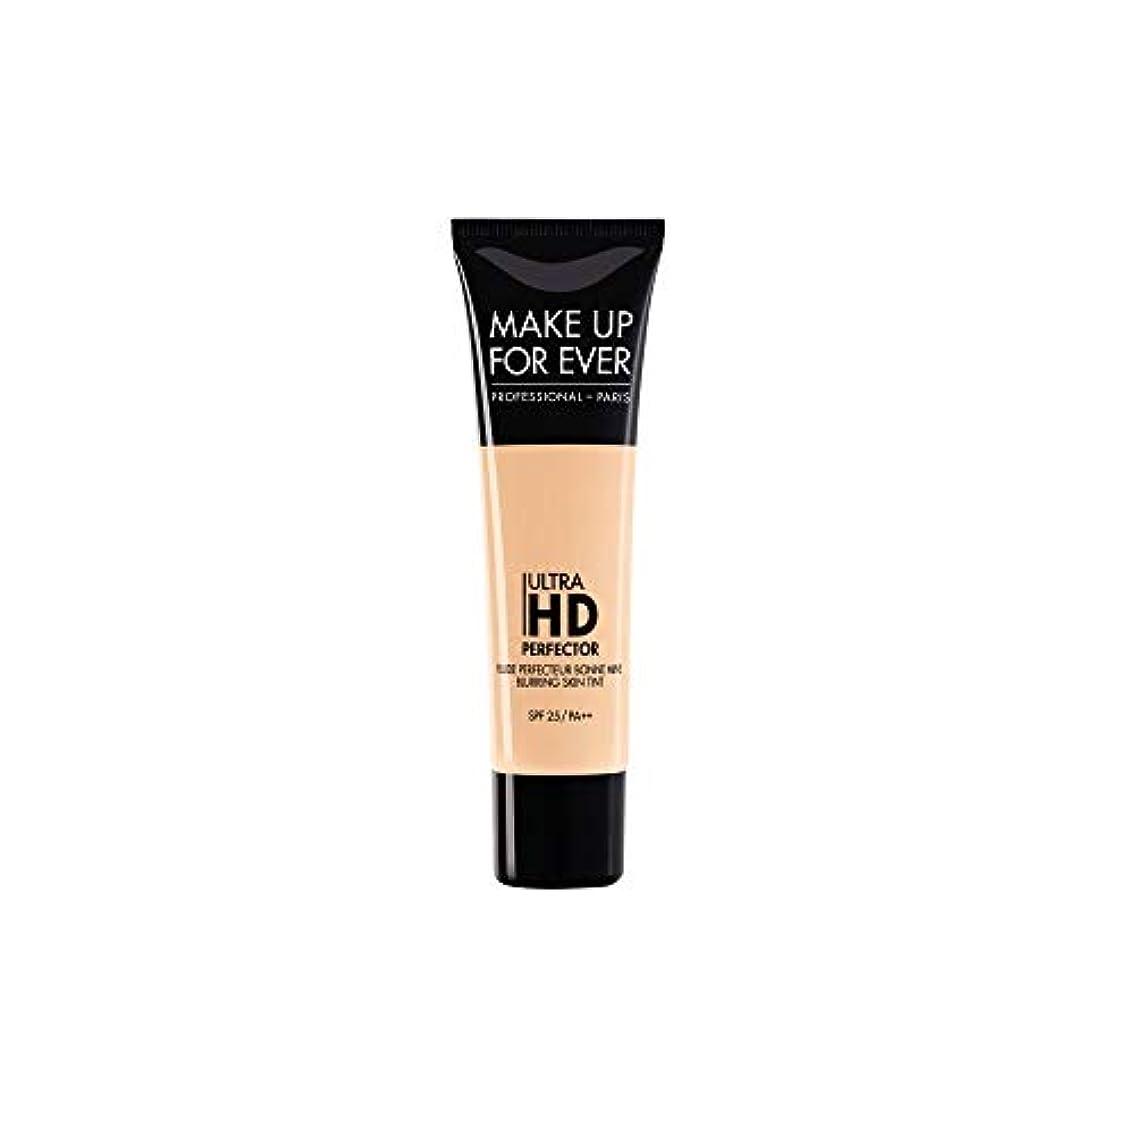 ステンレスアマチュアランダムメイクアップフォーエバー Ultra HD Perfector Blurring Skin Tint SPF25 - # 02 Pink Sand 30ml/1.01oz並行輸入品